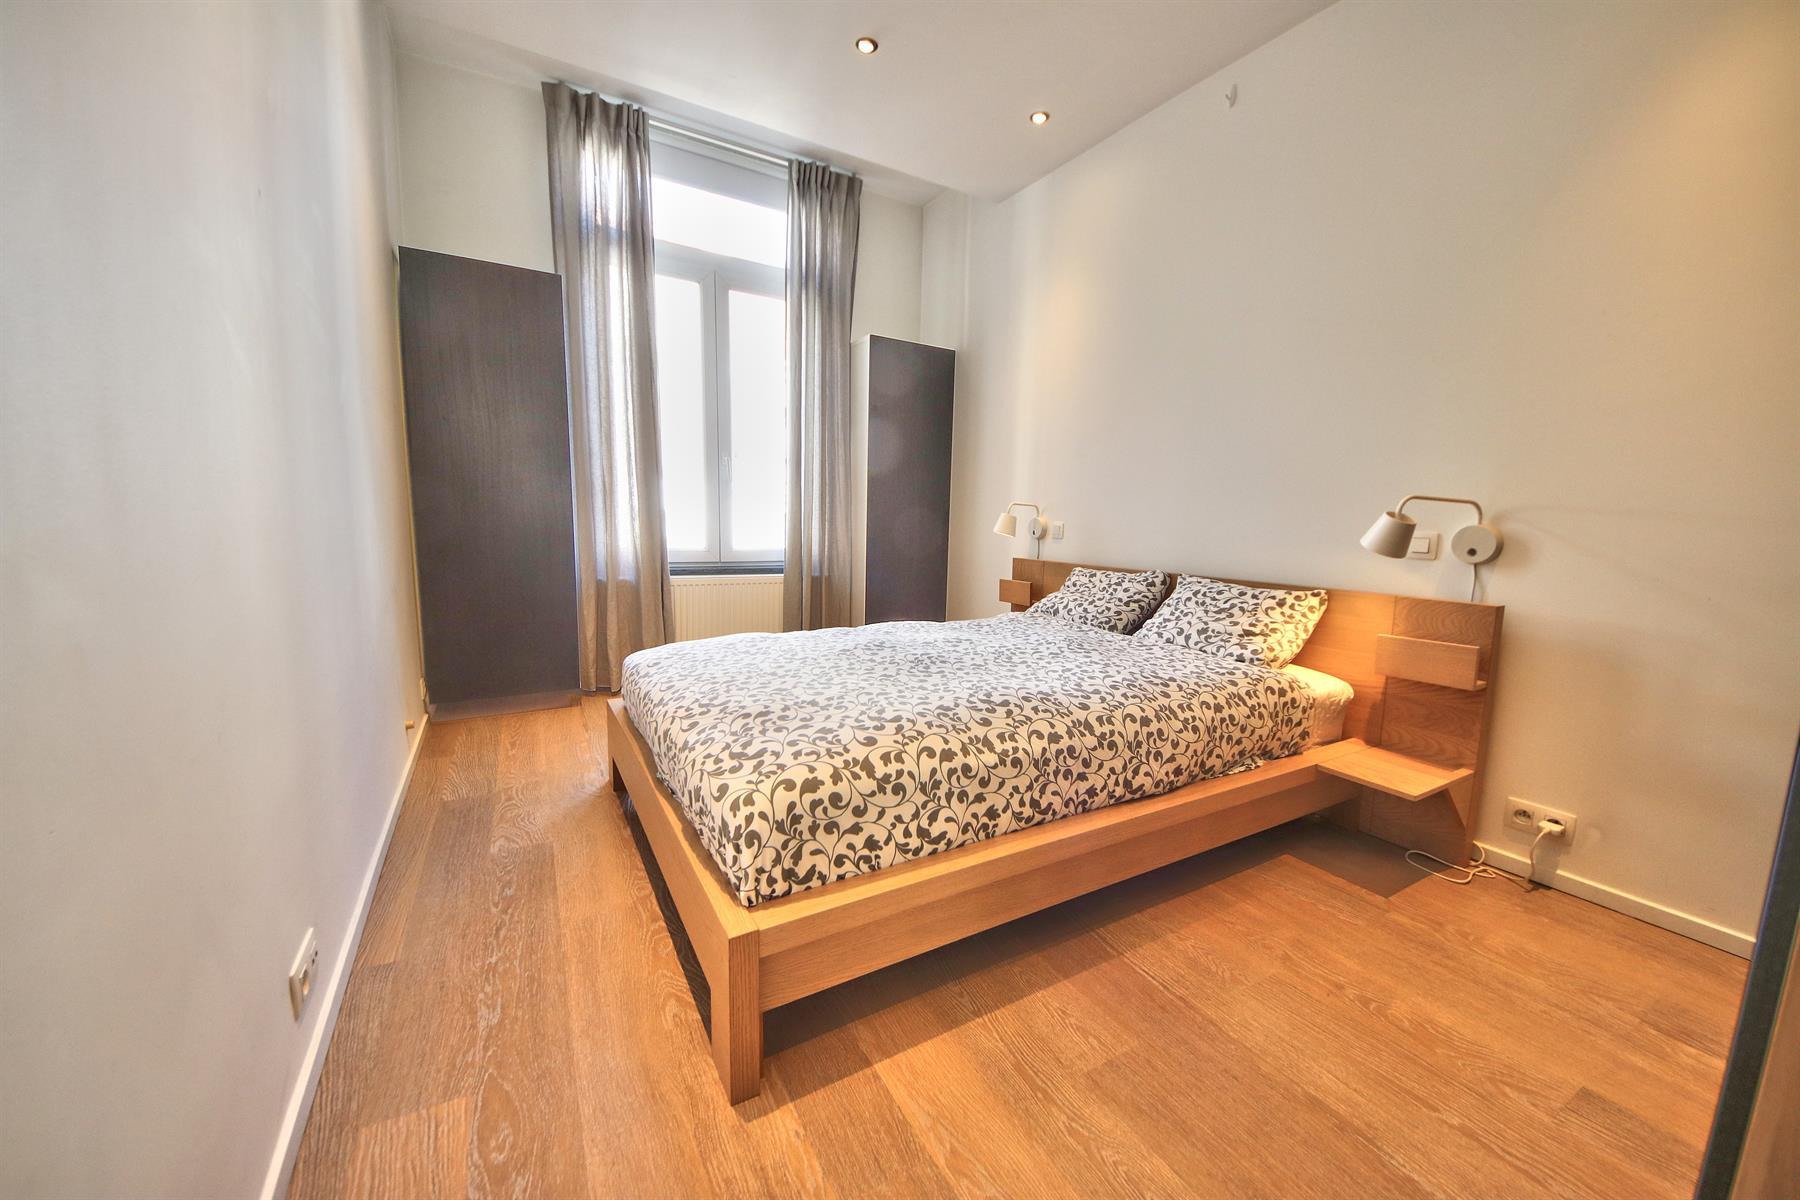 Appartement - Ixelles - #4345869-5